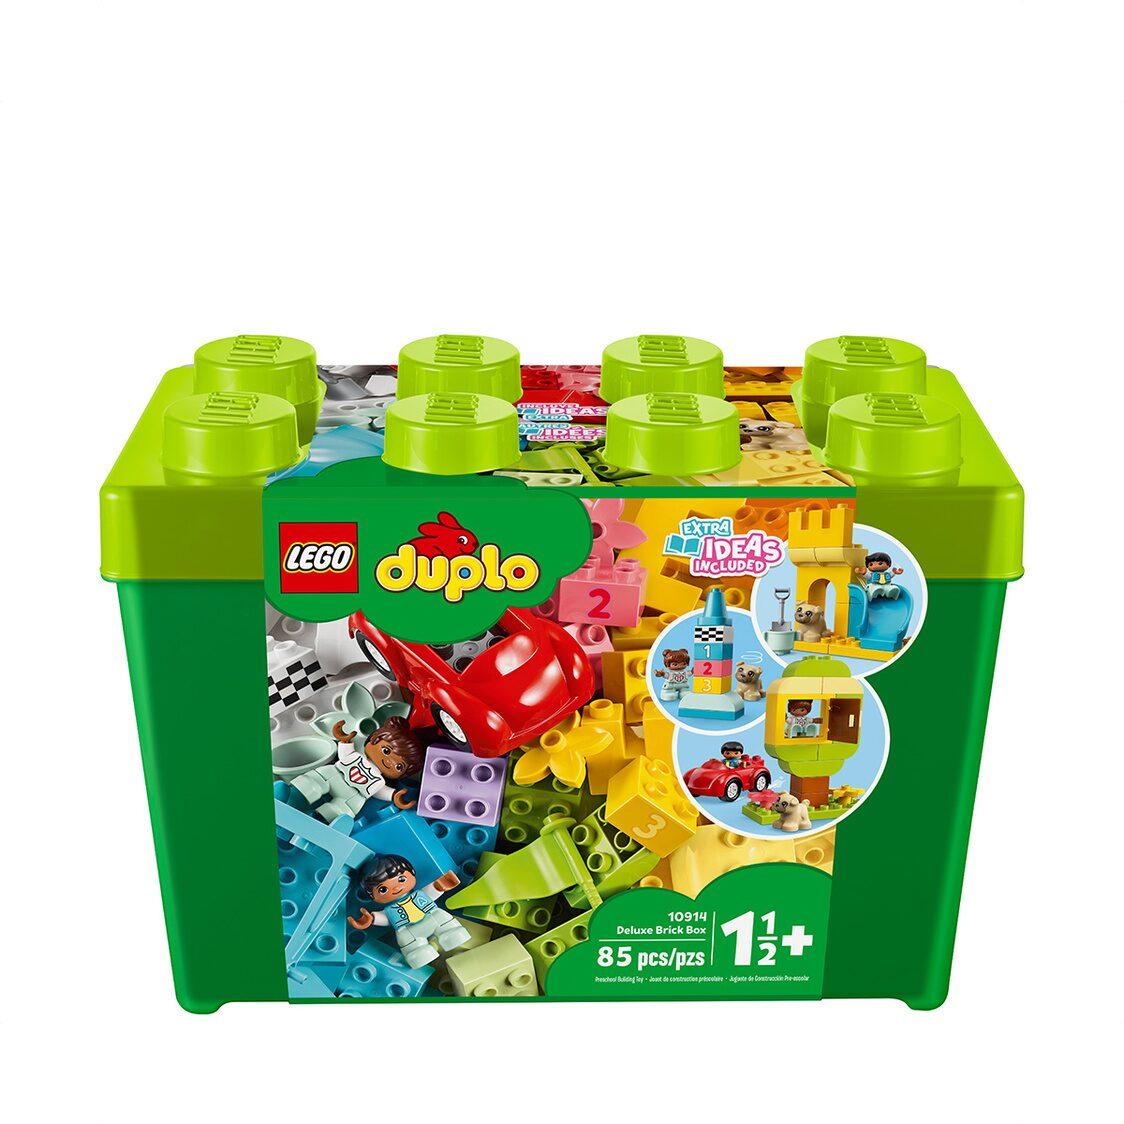 LEGO Deluxe Brick Box 10914